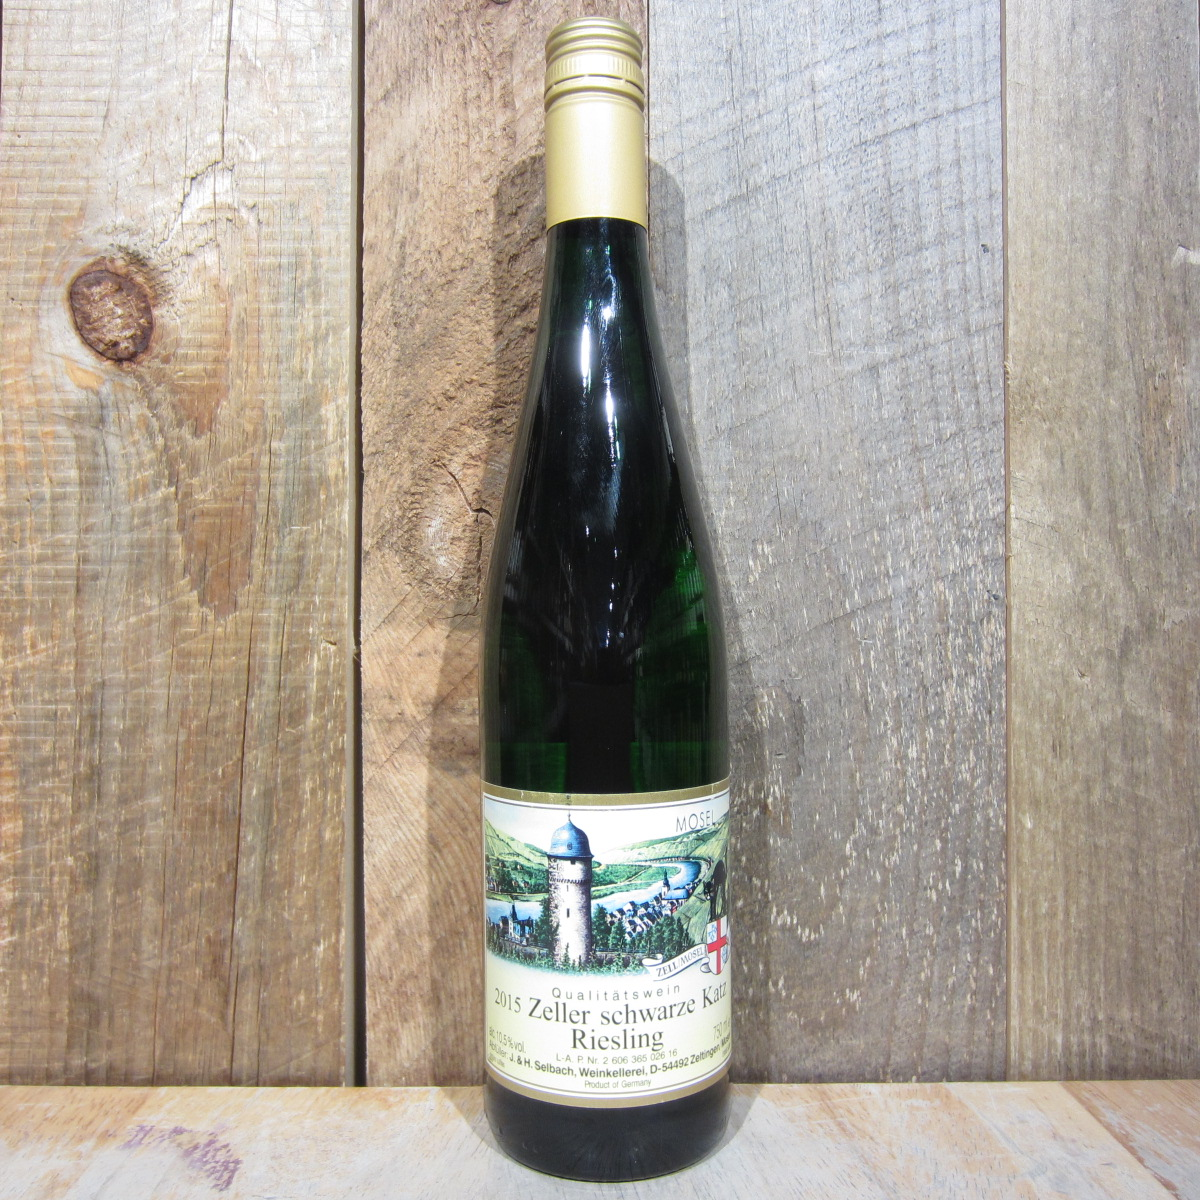 J.H. Selbach Zeller Schwarze Katz Riesling 2018 750ml